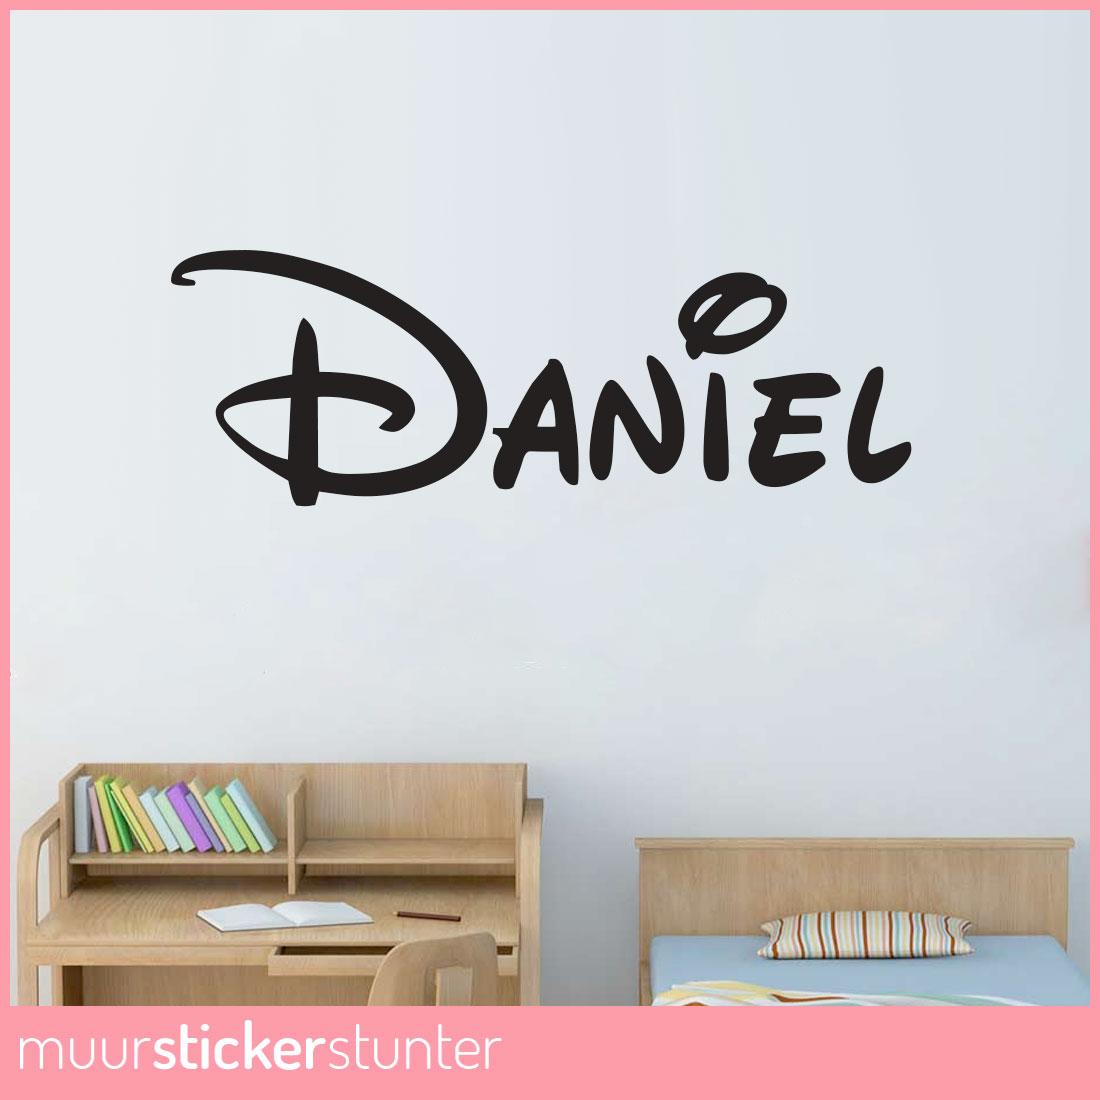 Stickers Kinderkamer Disney.Leuke Naamstickers Voor De Kinderkamer Bekijk Dit Inspirerende